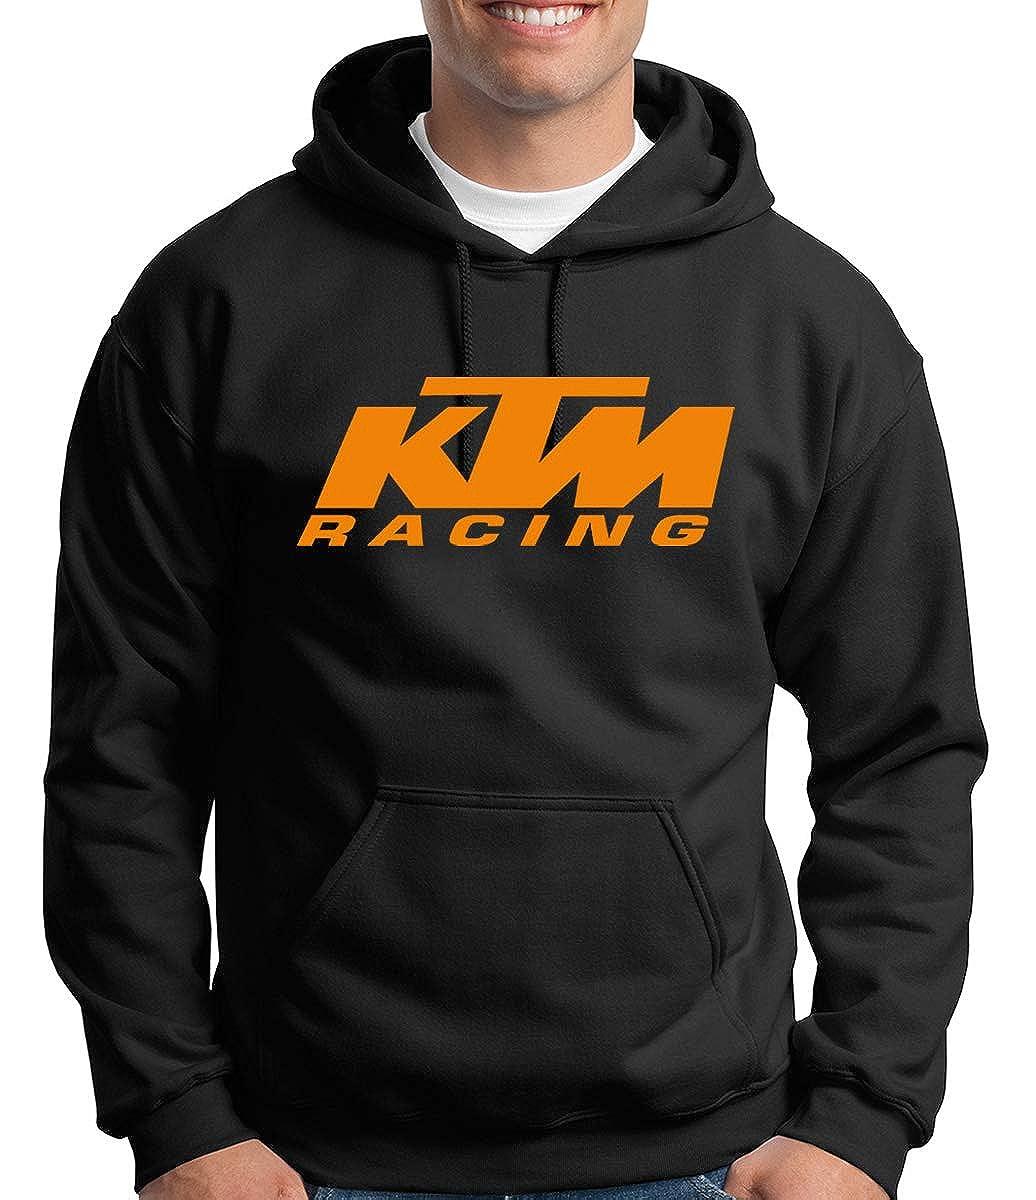 Unisex Hoodie customSwagg KTM Racing Oragne Print Black Hoodie